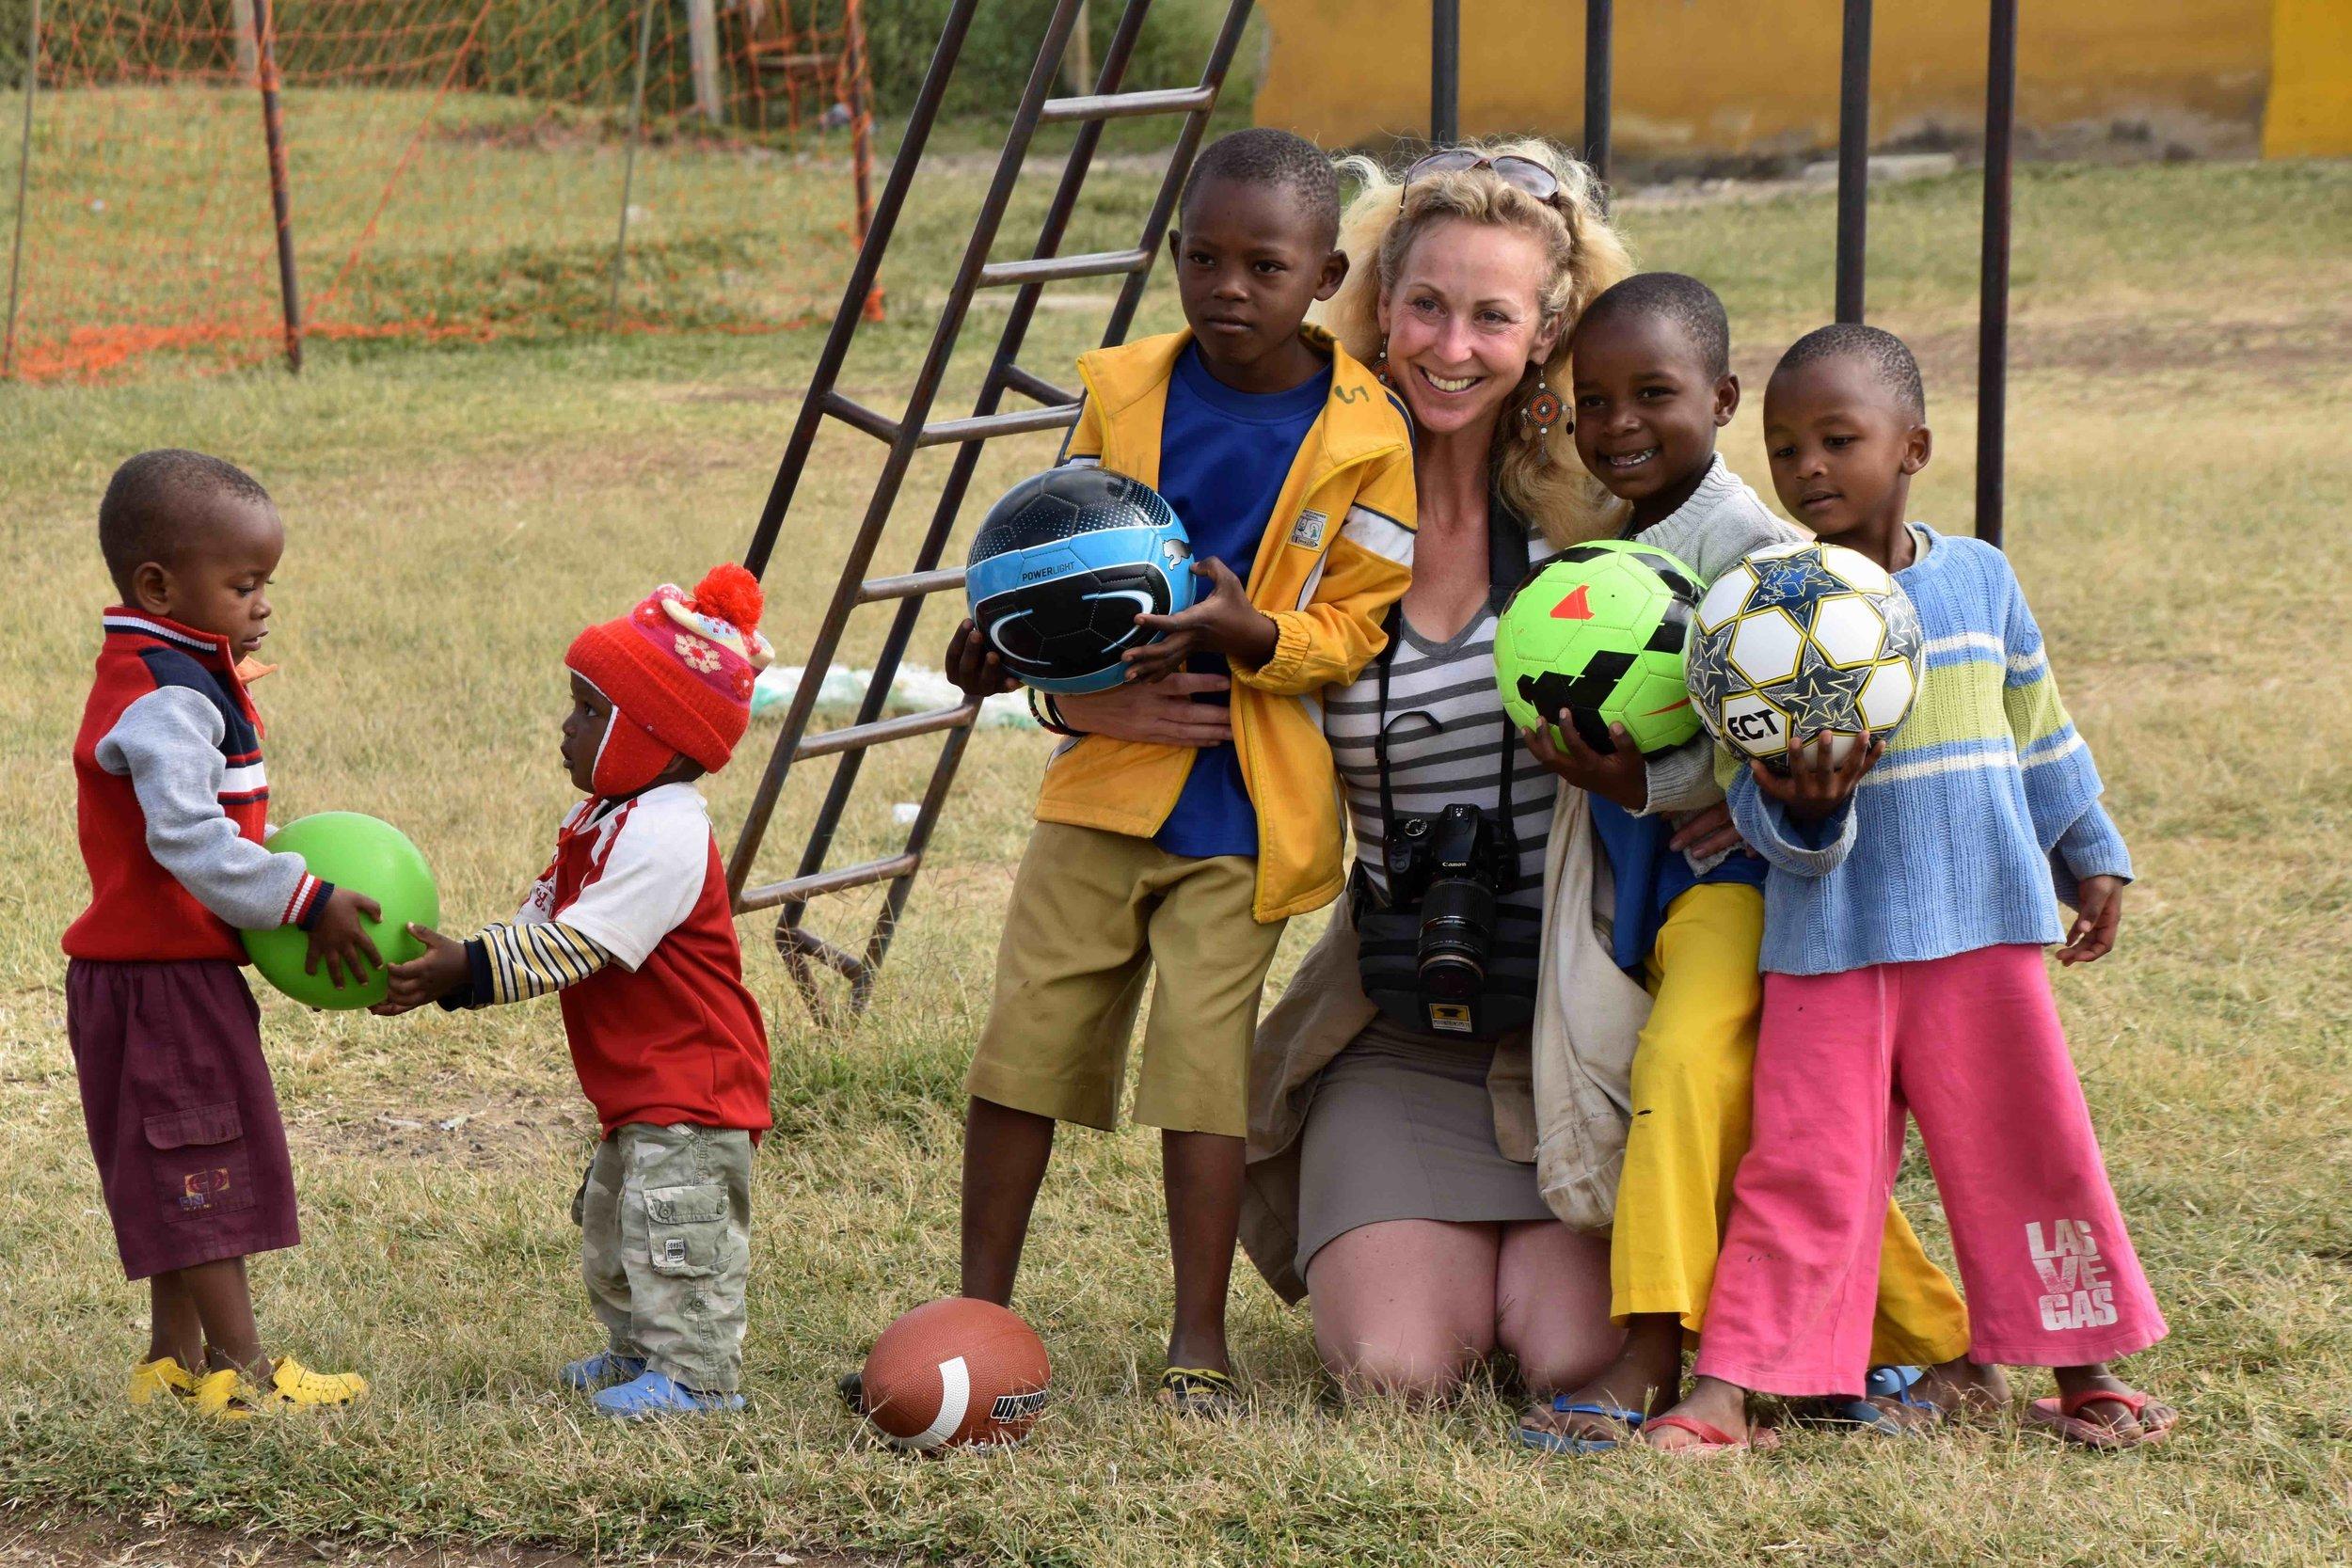 anne with sjo kids.jpg